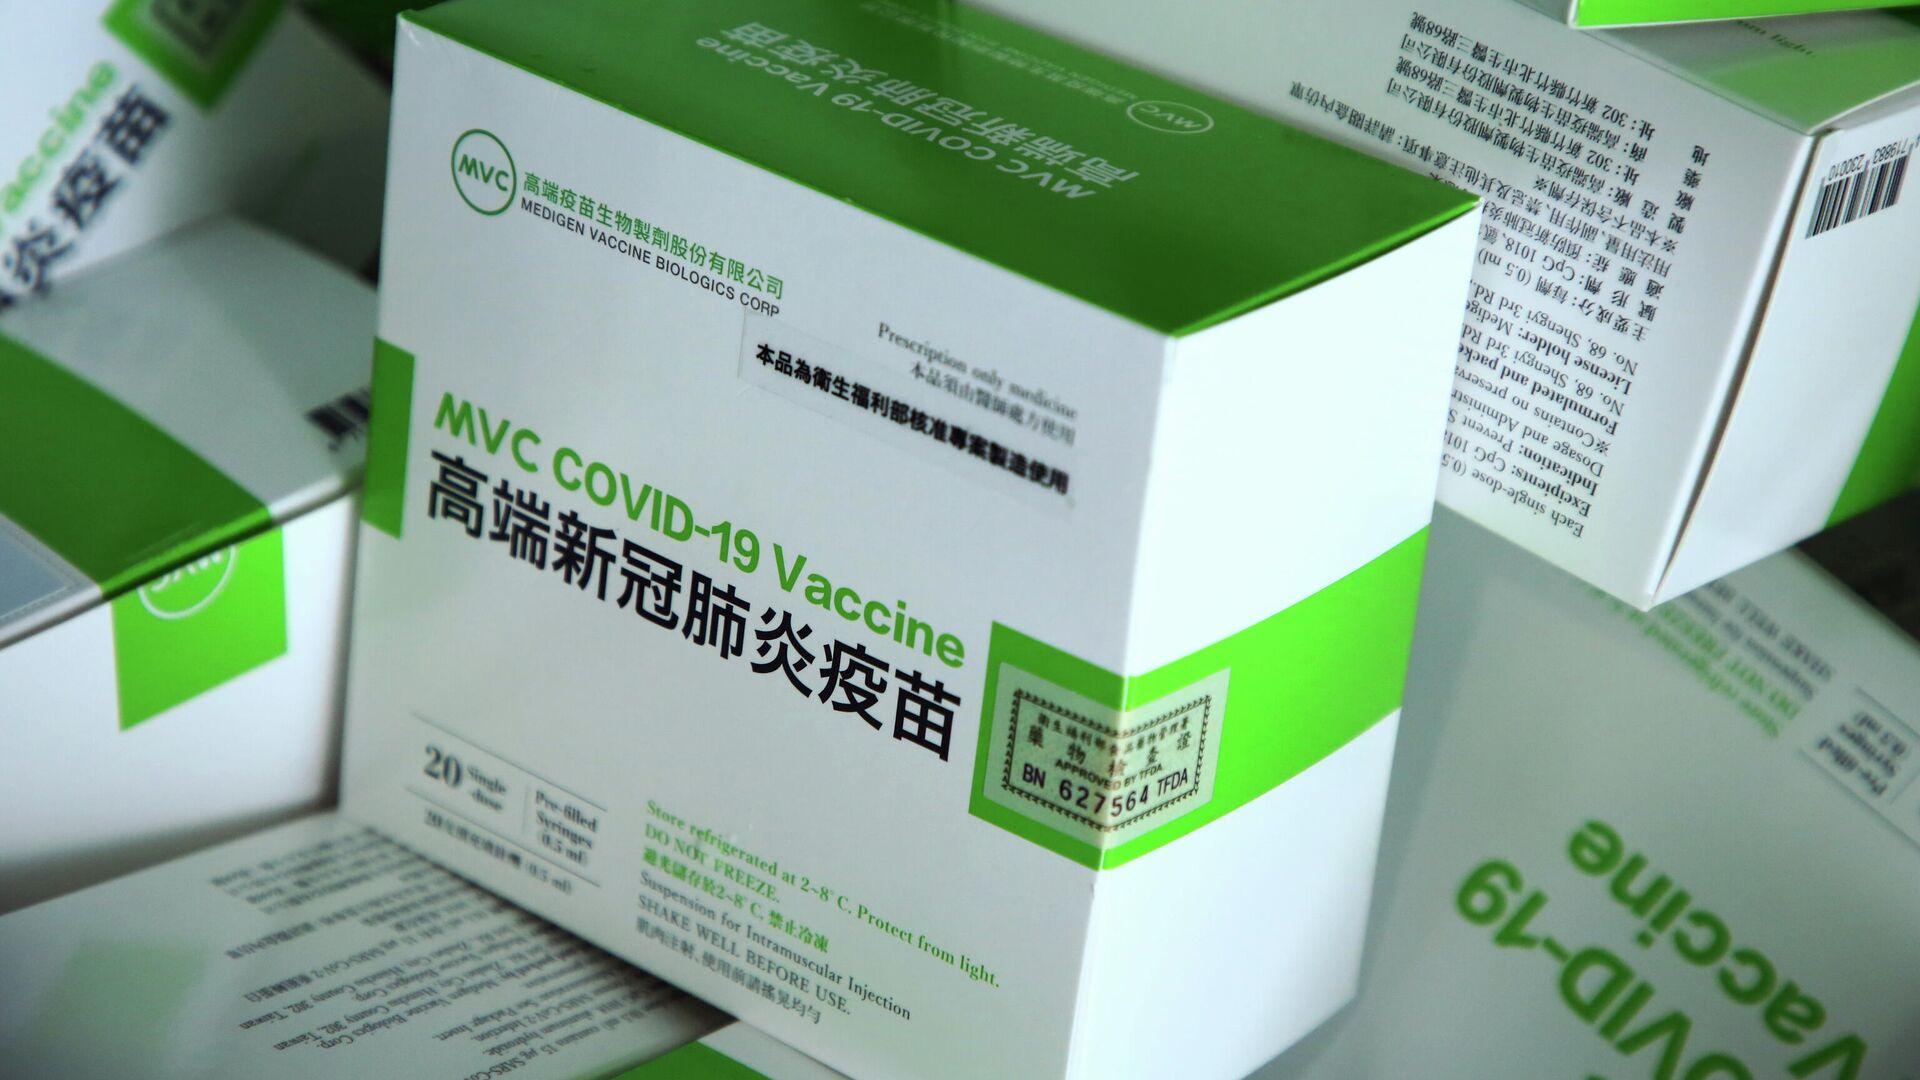 La vacuna contra el COVID-19 del laboratorio Medigen Vaccine Biologics Corporation de Taiwán - Sputnik Mundo, 1920, 01.09.2021